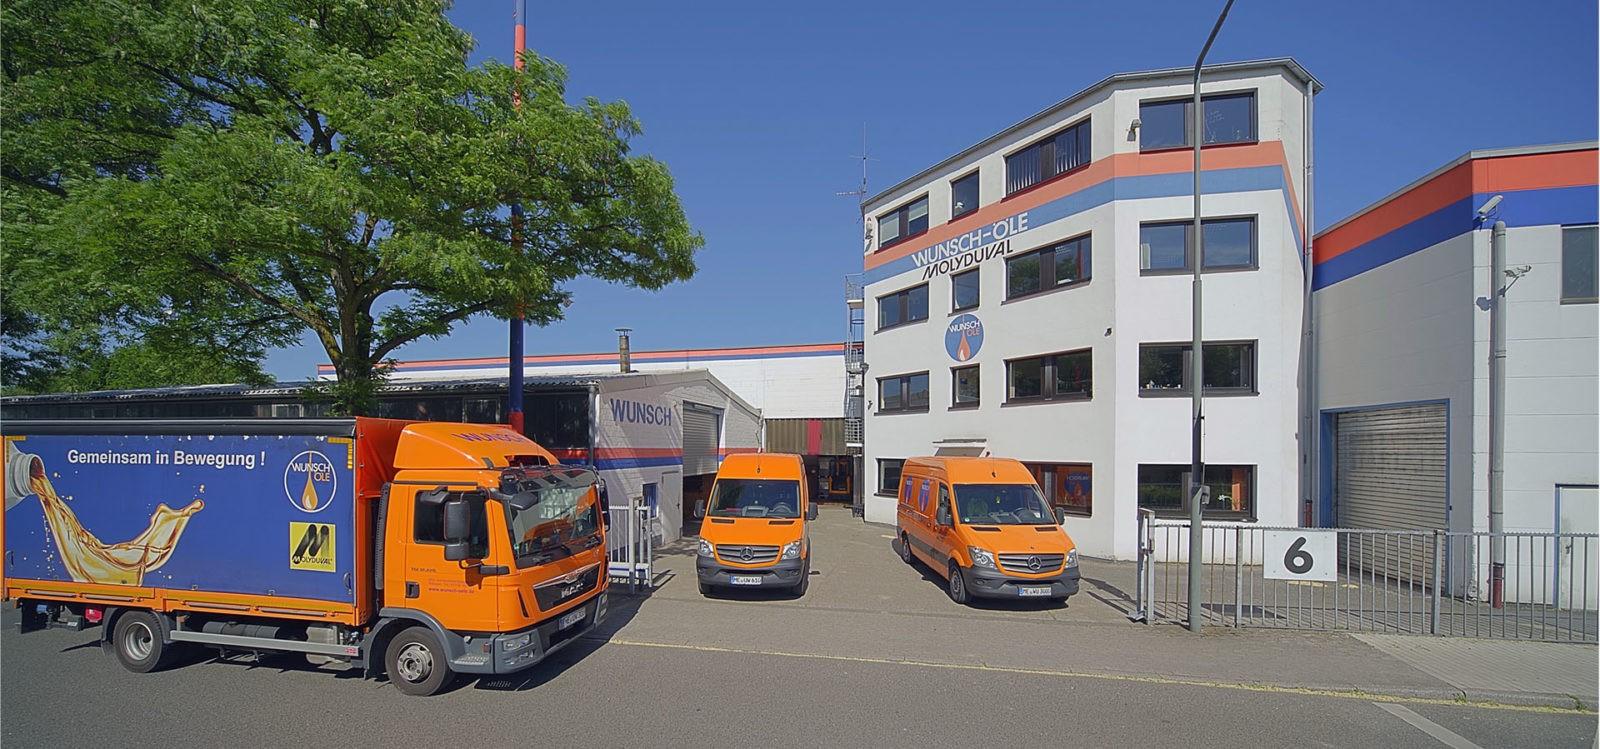 Ausgangsbild für die Retusche: Firmensitz der Wunsch Öle GmbH in Ratingen